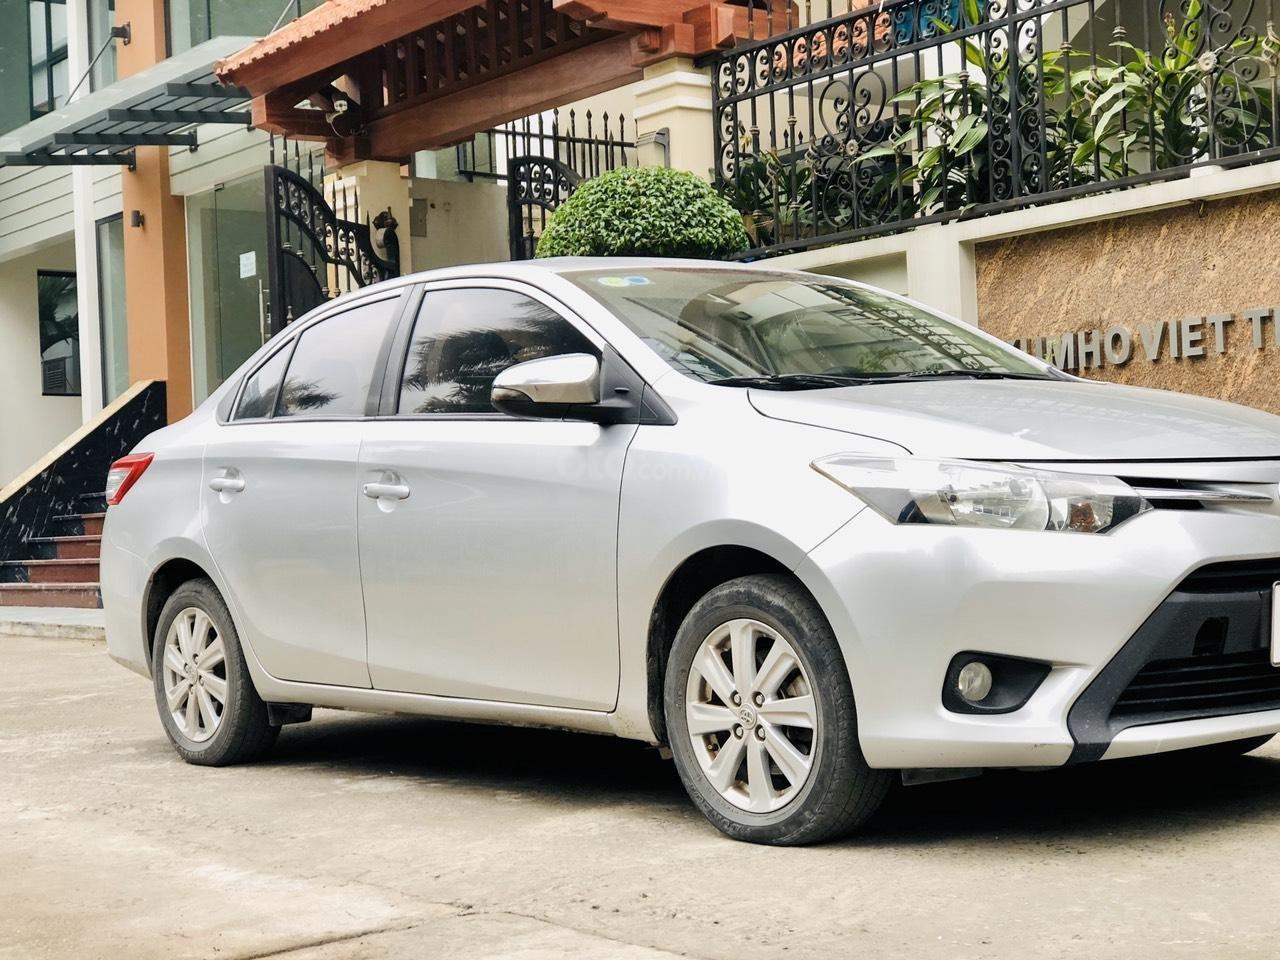 Bán xe Toyota Vios E MT sản xuất 2015, xe đẹp không lỗi nhỏ (2)